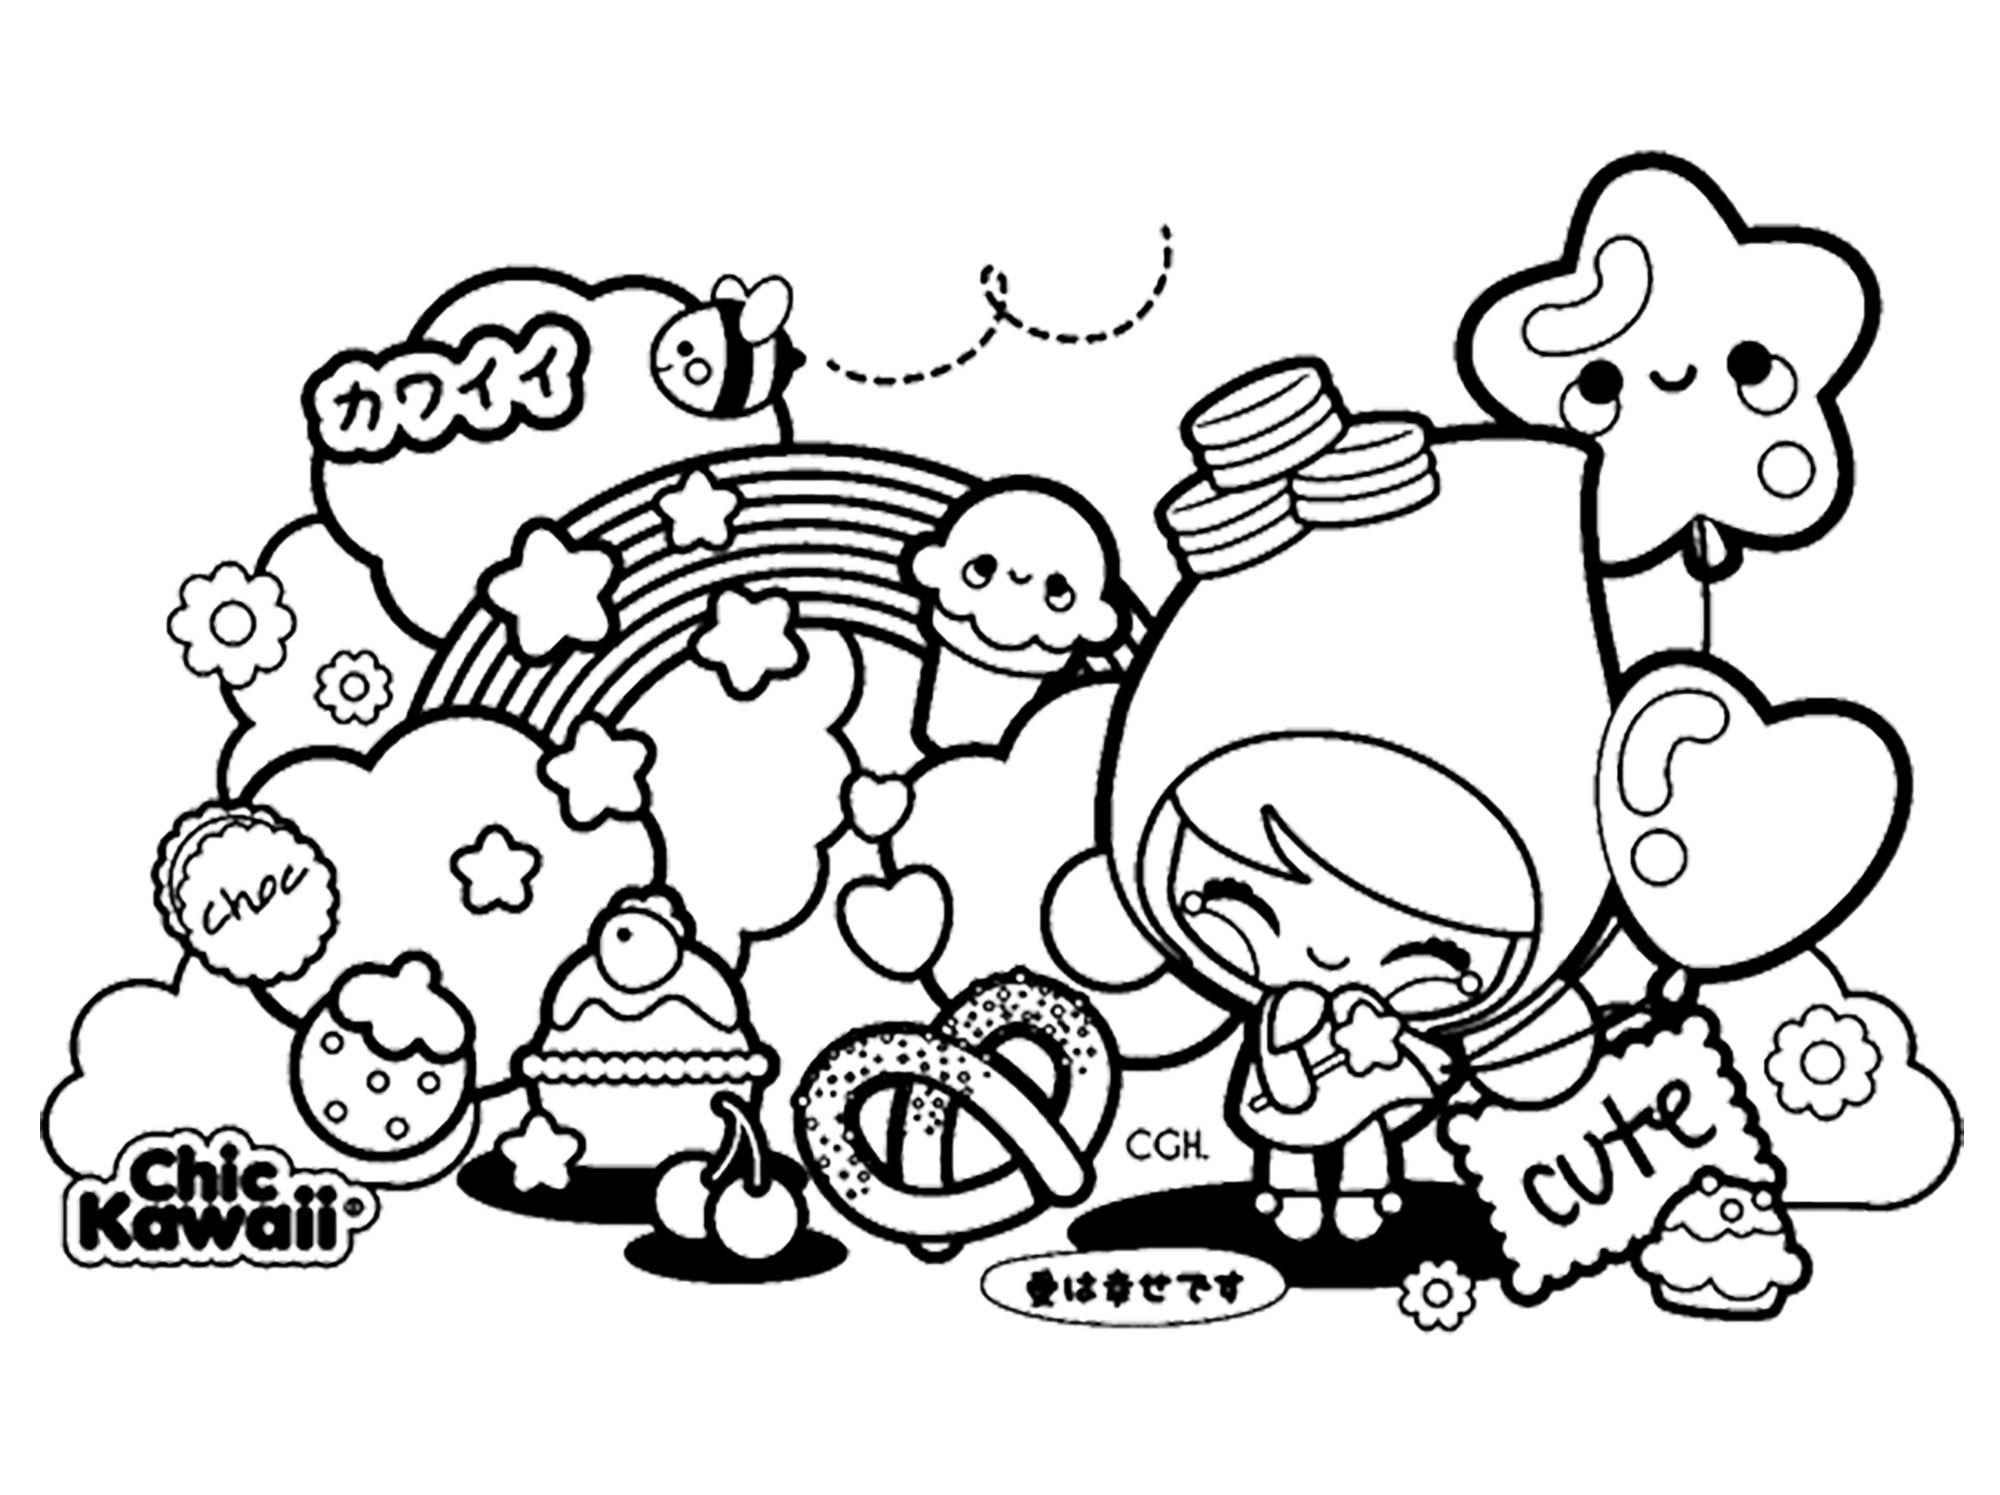 Chic Kawaii - Mangas / Animés - Coloriages Difficiles Pour avec Coloriage Manga Kawaii